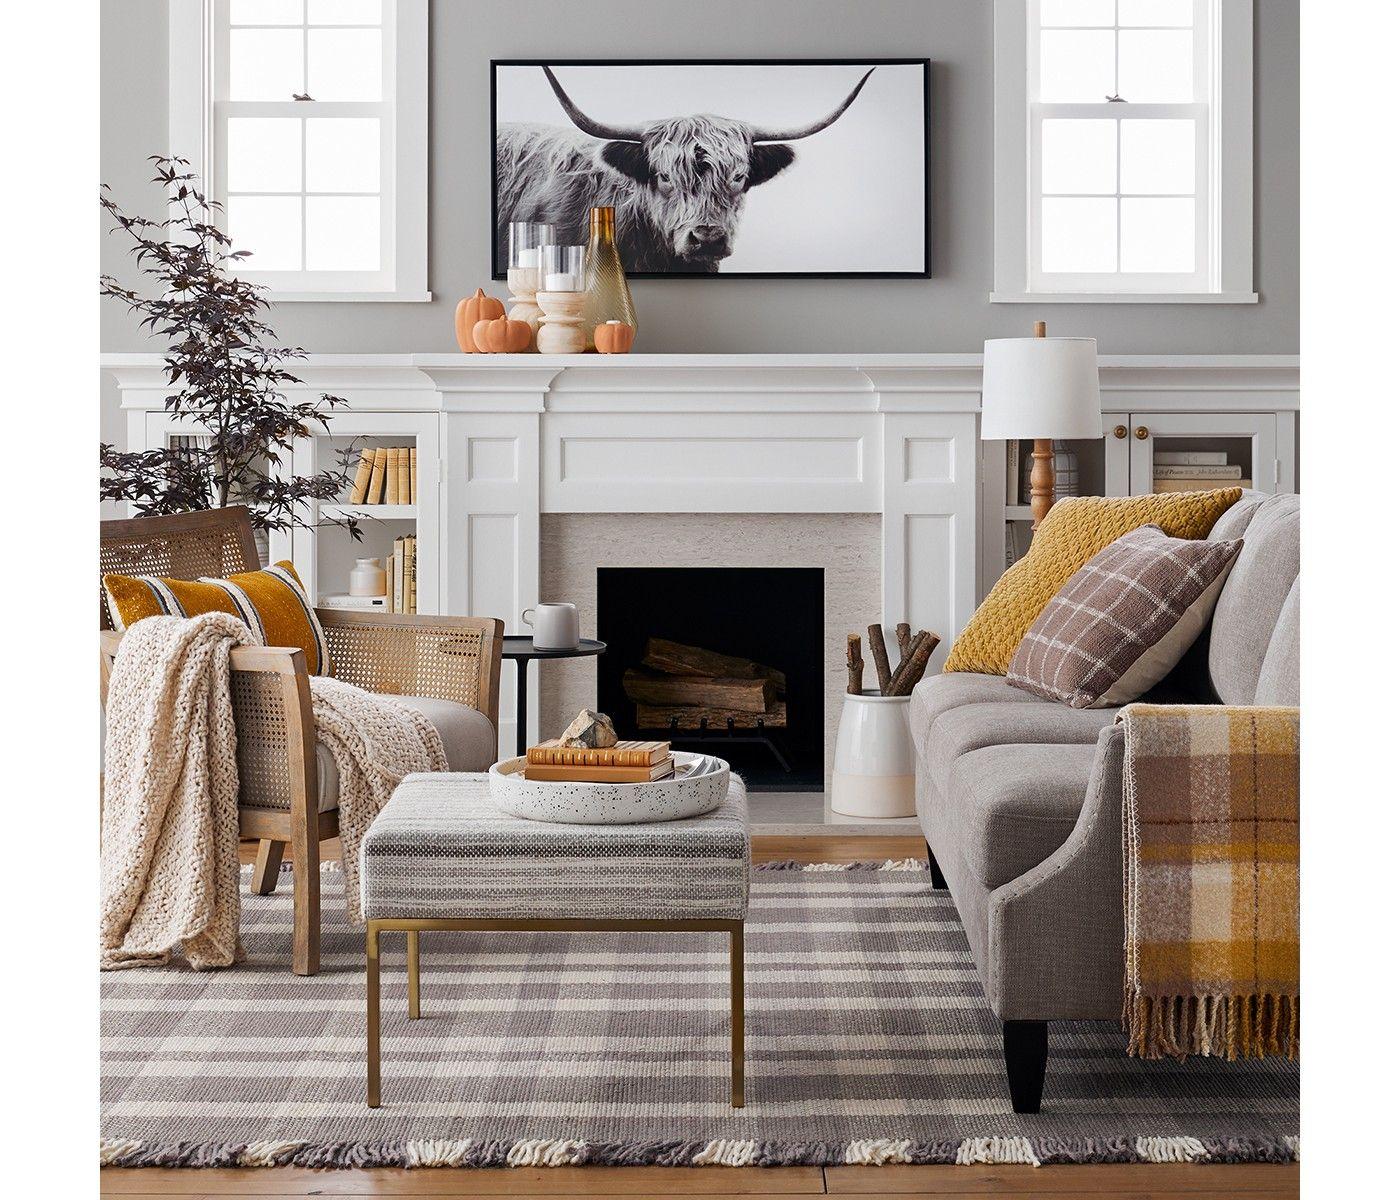 Fall Home Decor, Fall Theme, Thanksgiving Decor, Cozy